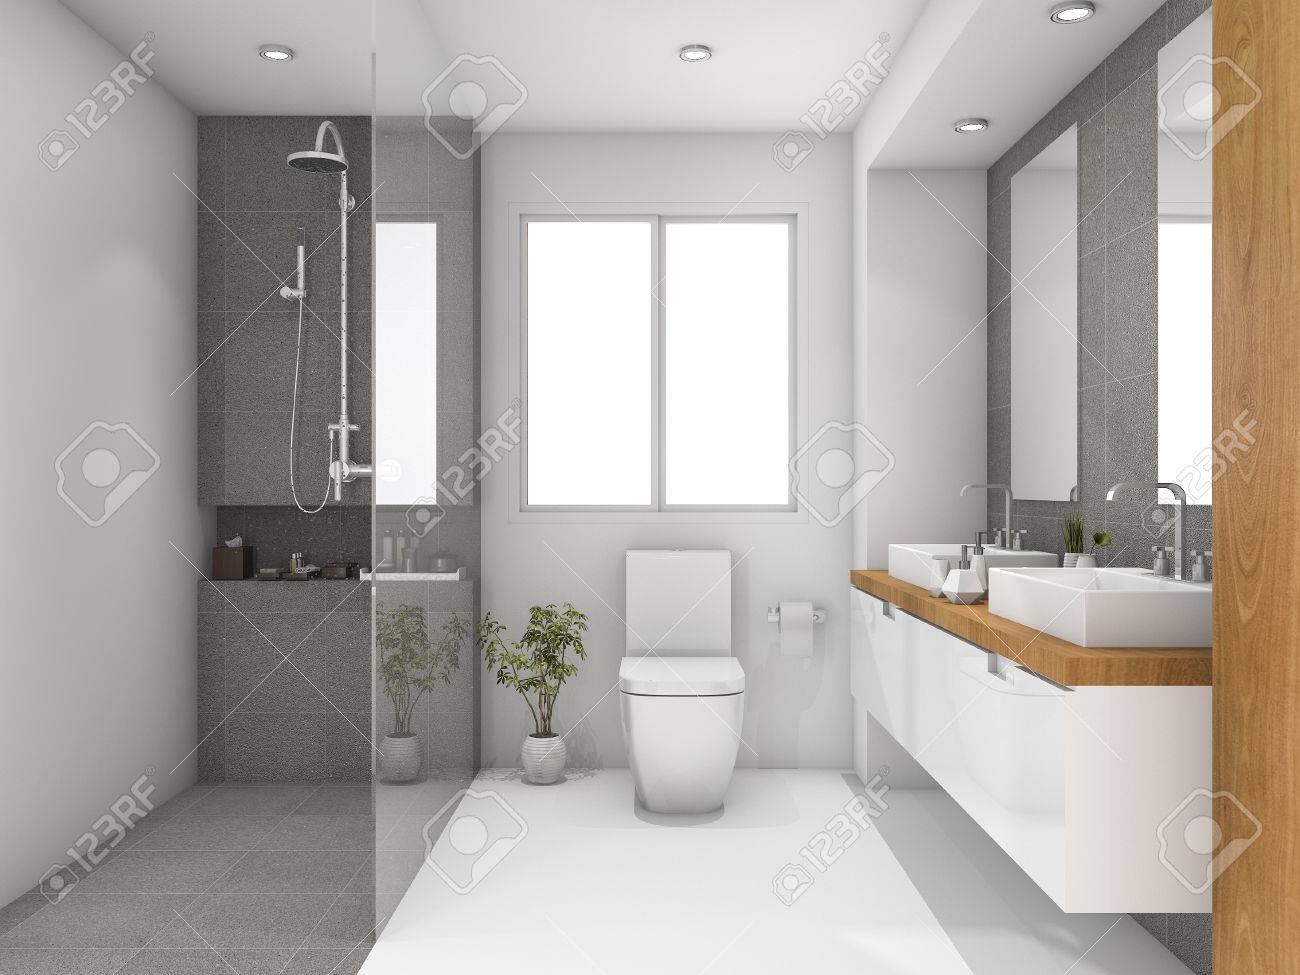 Bagno Legno E Bianco : Bagno in pietra e legno affordable bagno pietra e legno bagno da